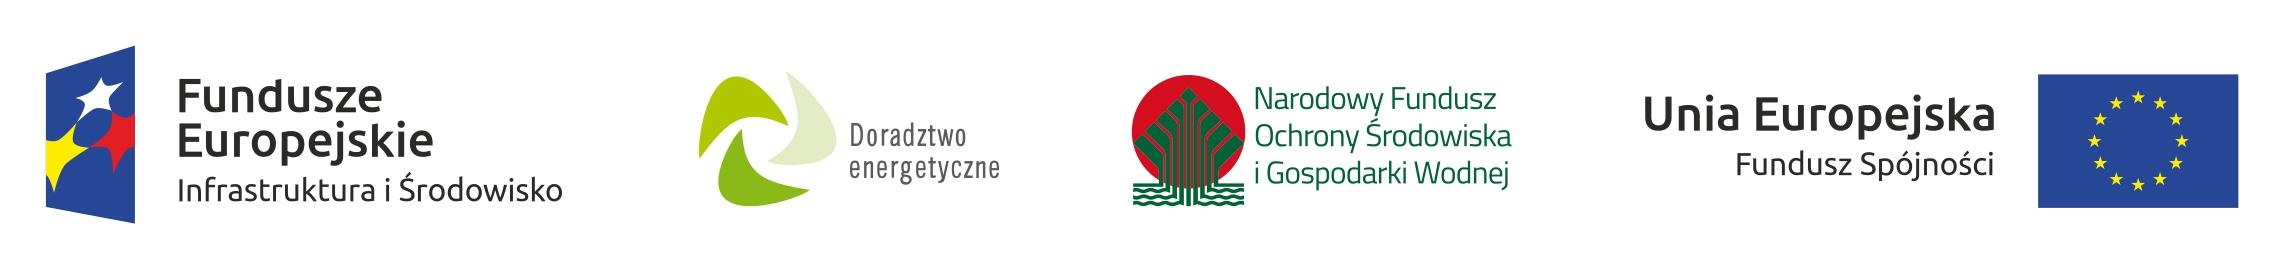 logo_1jpg [2285x270]